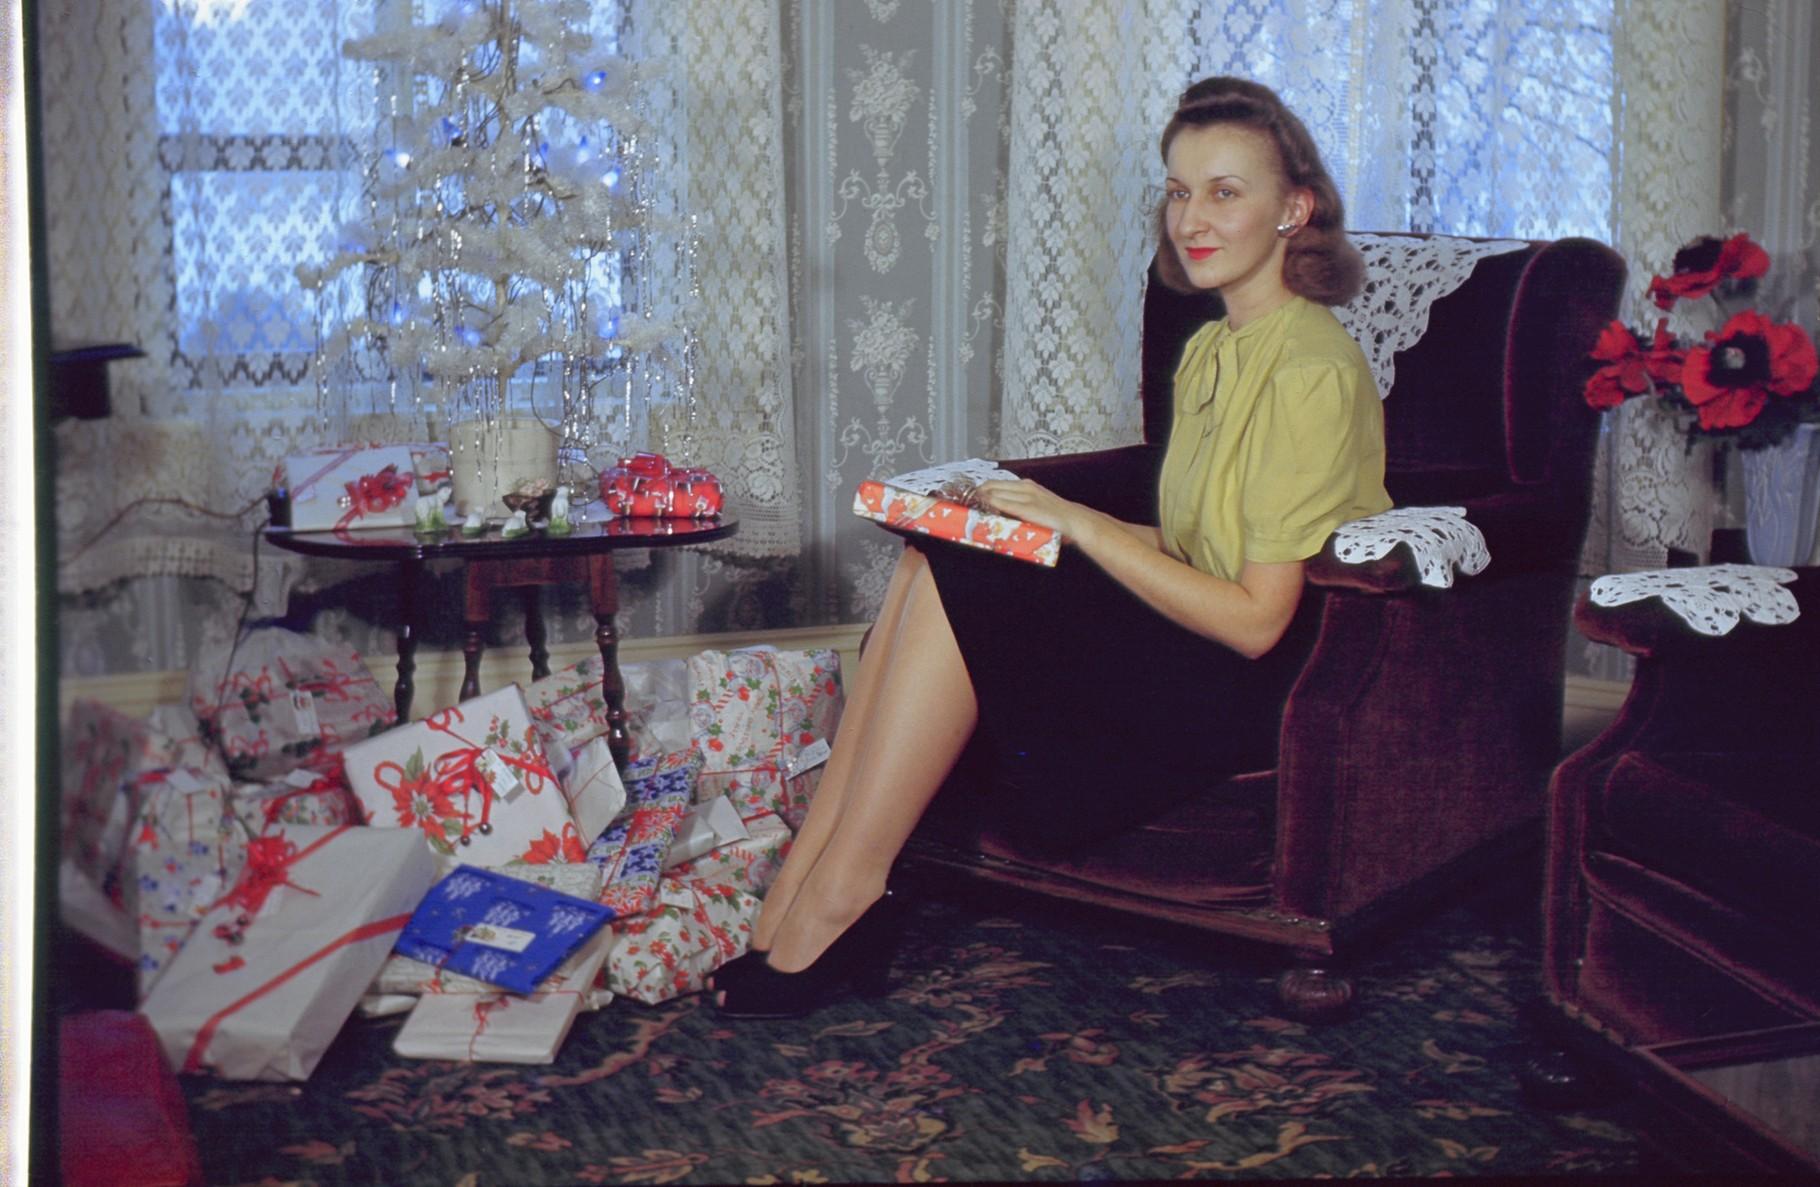 Helen Seraichakas, 1940s? Xmas